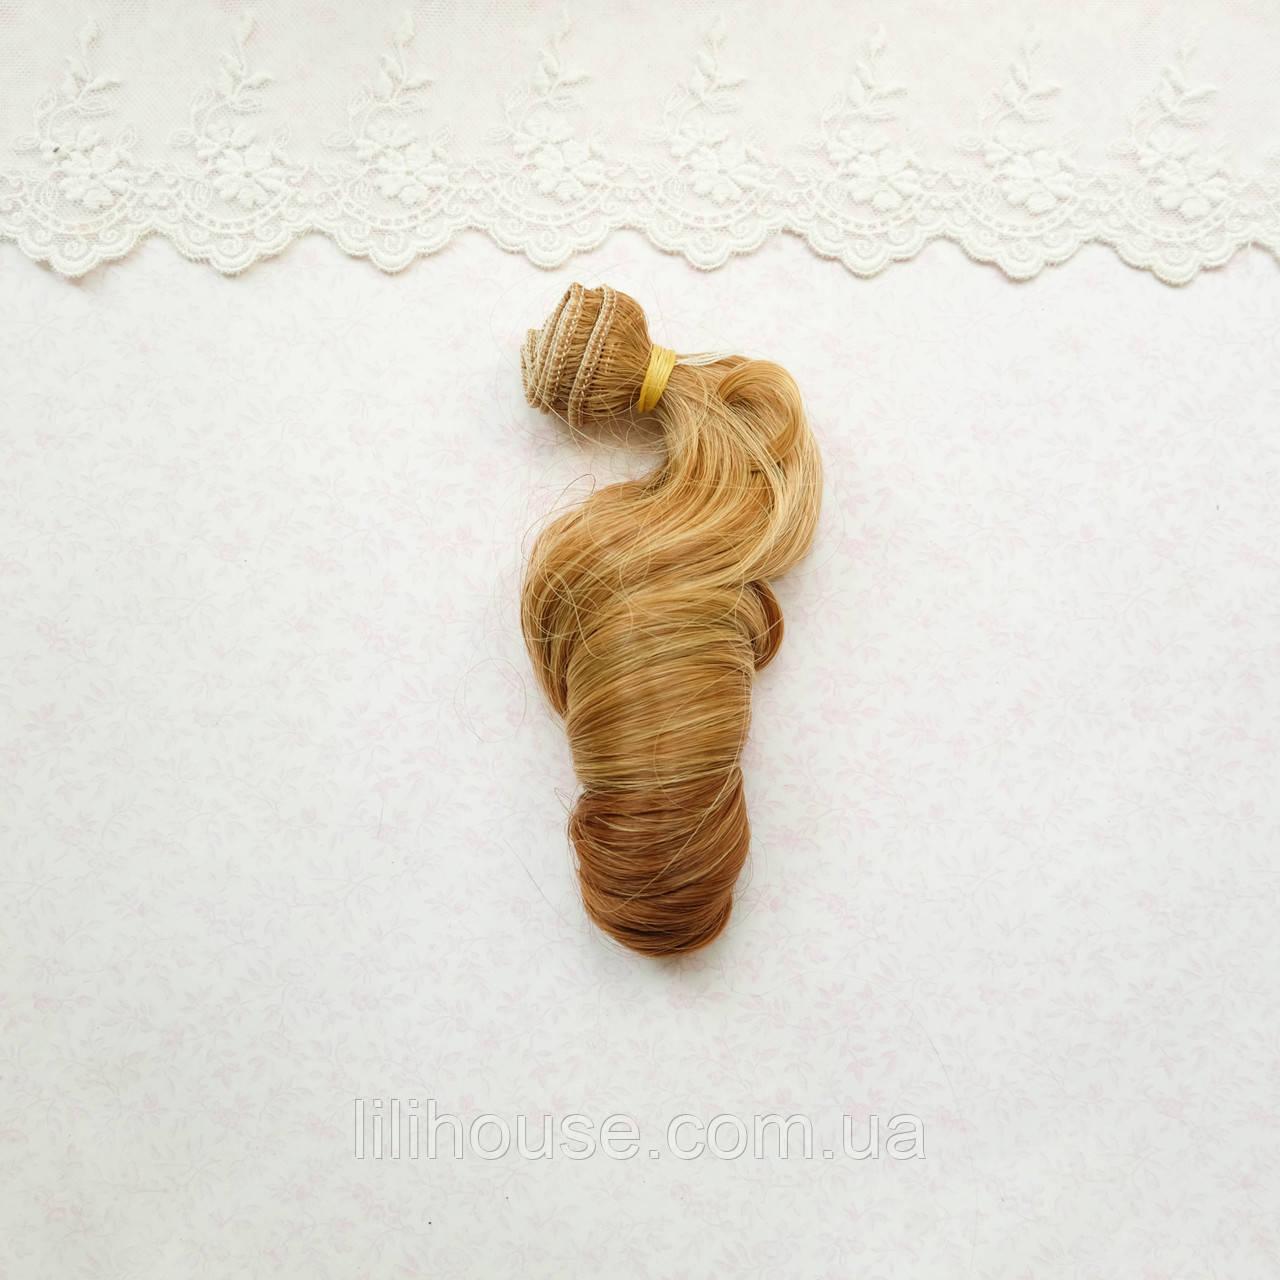 Волосы для кукол локоны волны в трессах,  омбре холодный русый  - 15 см